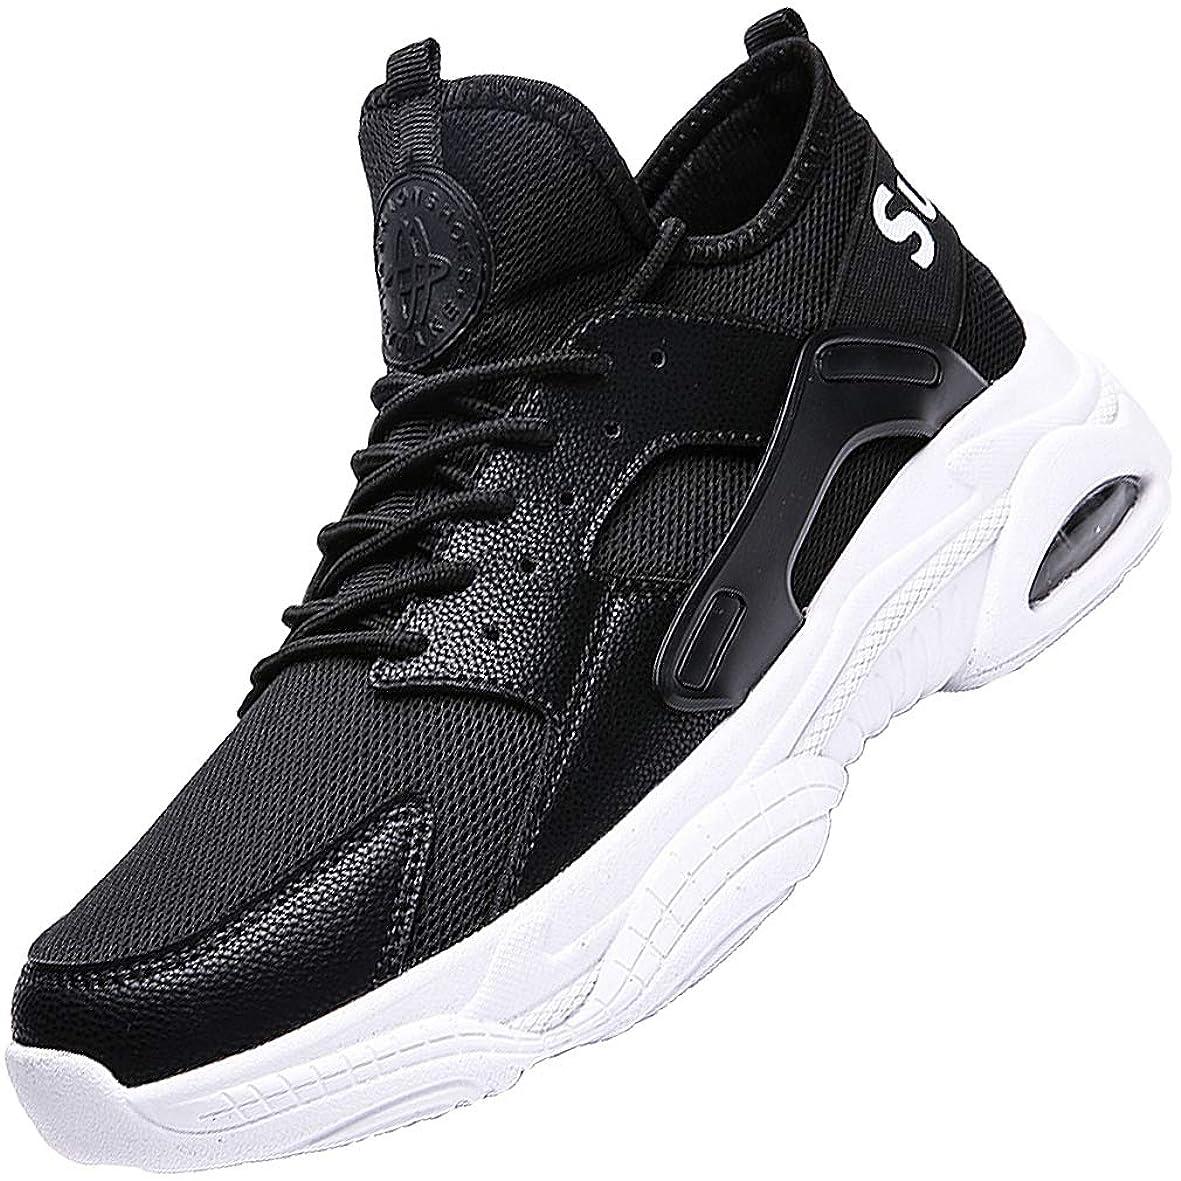 以内にクルーズはがき[ANDITTRO] スニーカー メンズ 靴 メンズ ランニングシューズ メンズ カジュアル スニーカー メンズ 軽量 通気性 3色 24.5CM-27.0CM